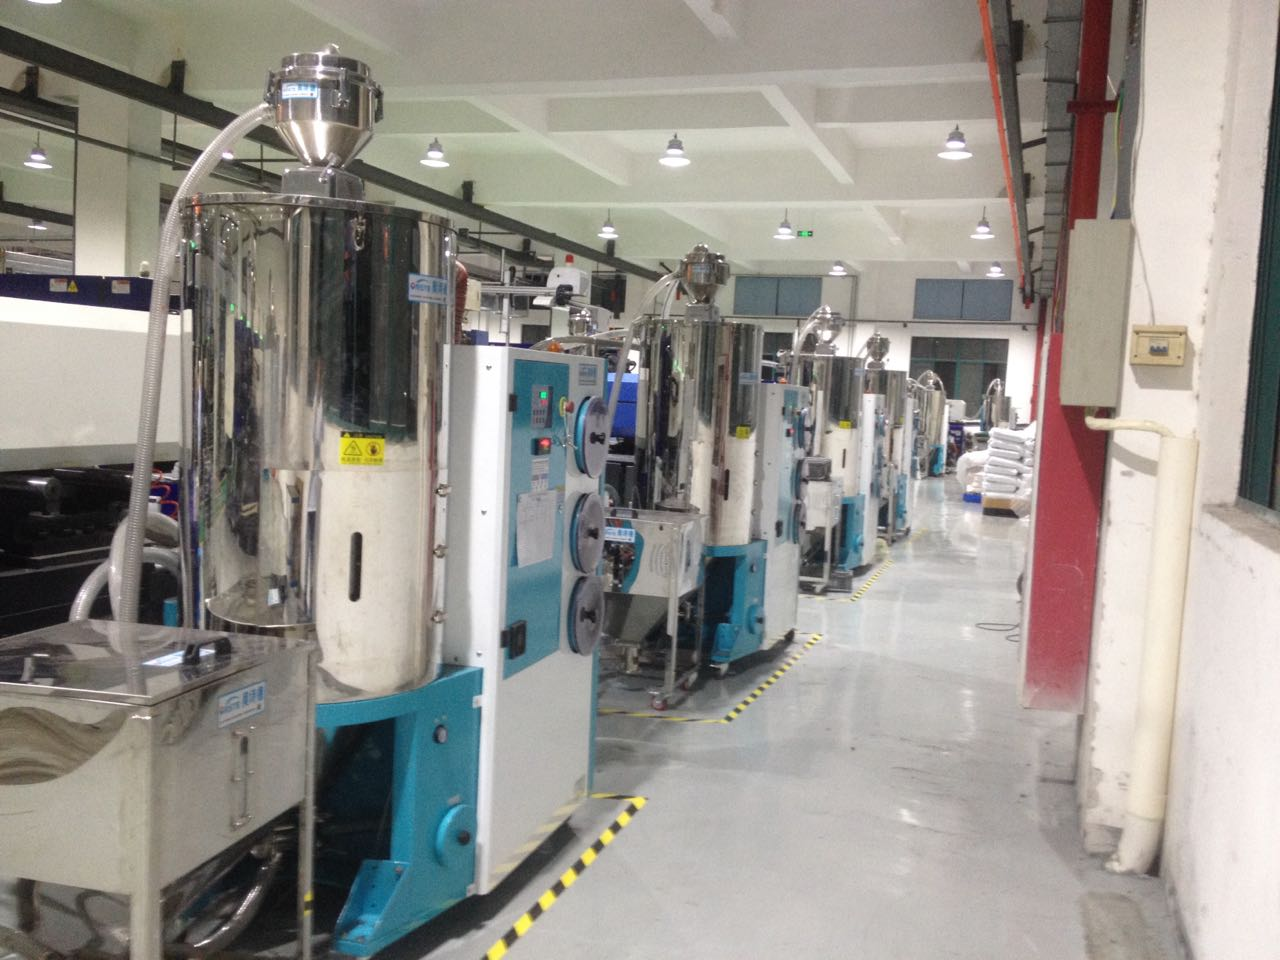 来自伍志方发布的供应信息:专业生产塑胶除湿干燥机、吸料机、模温机、... - 奥诗德